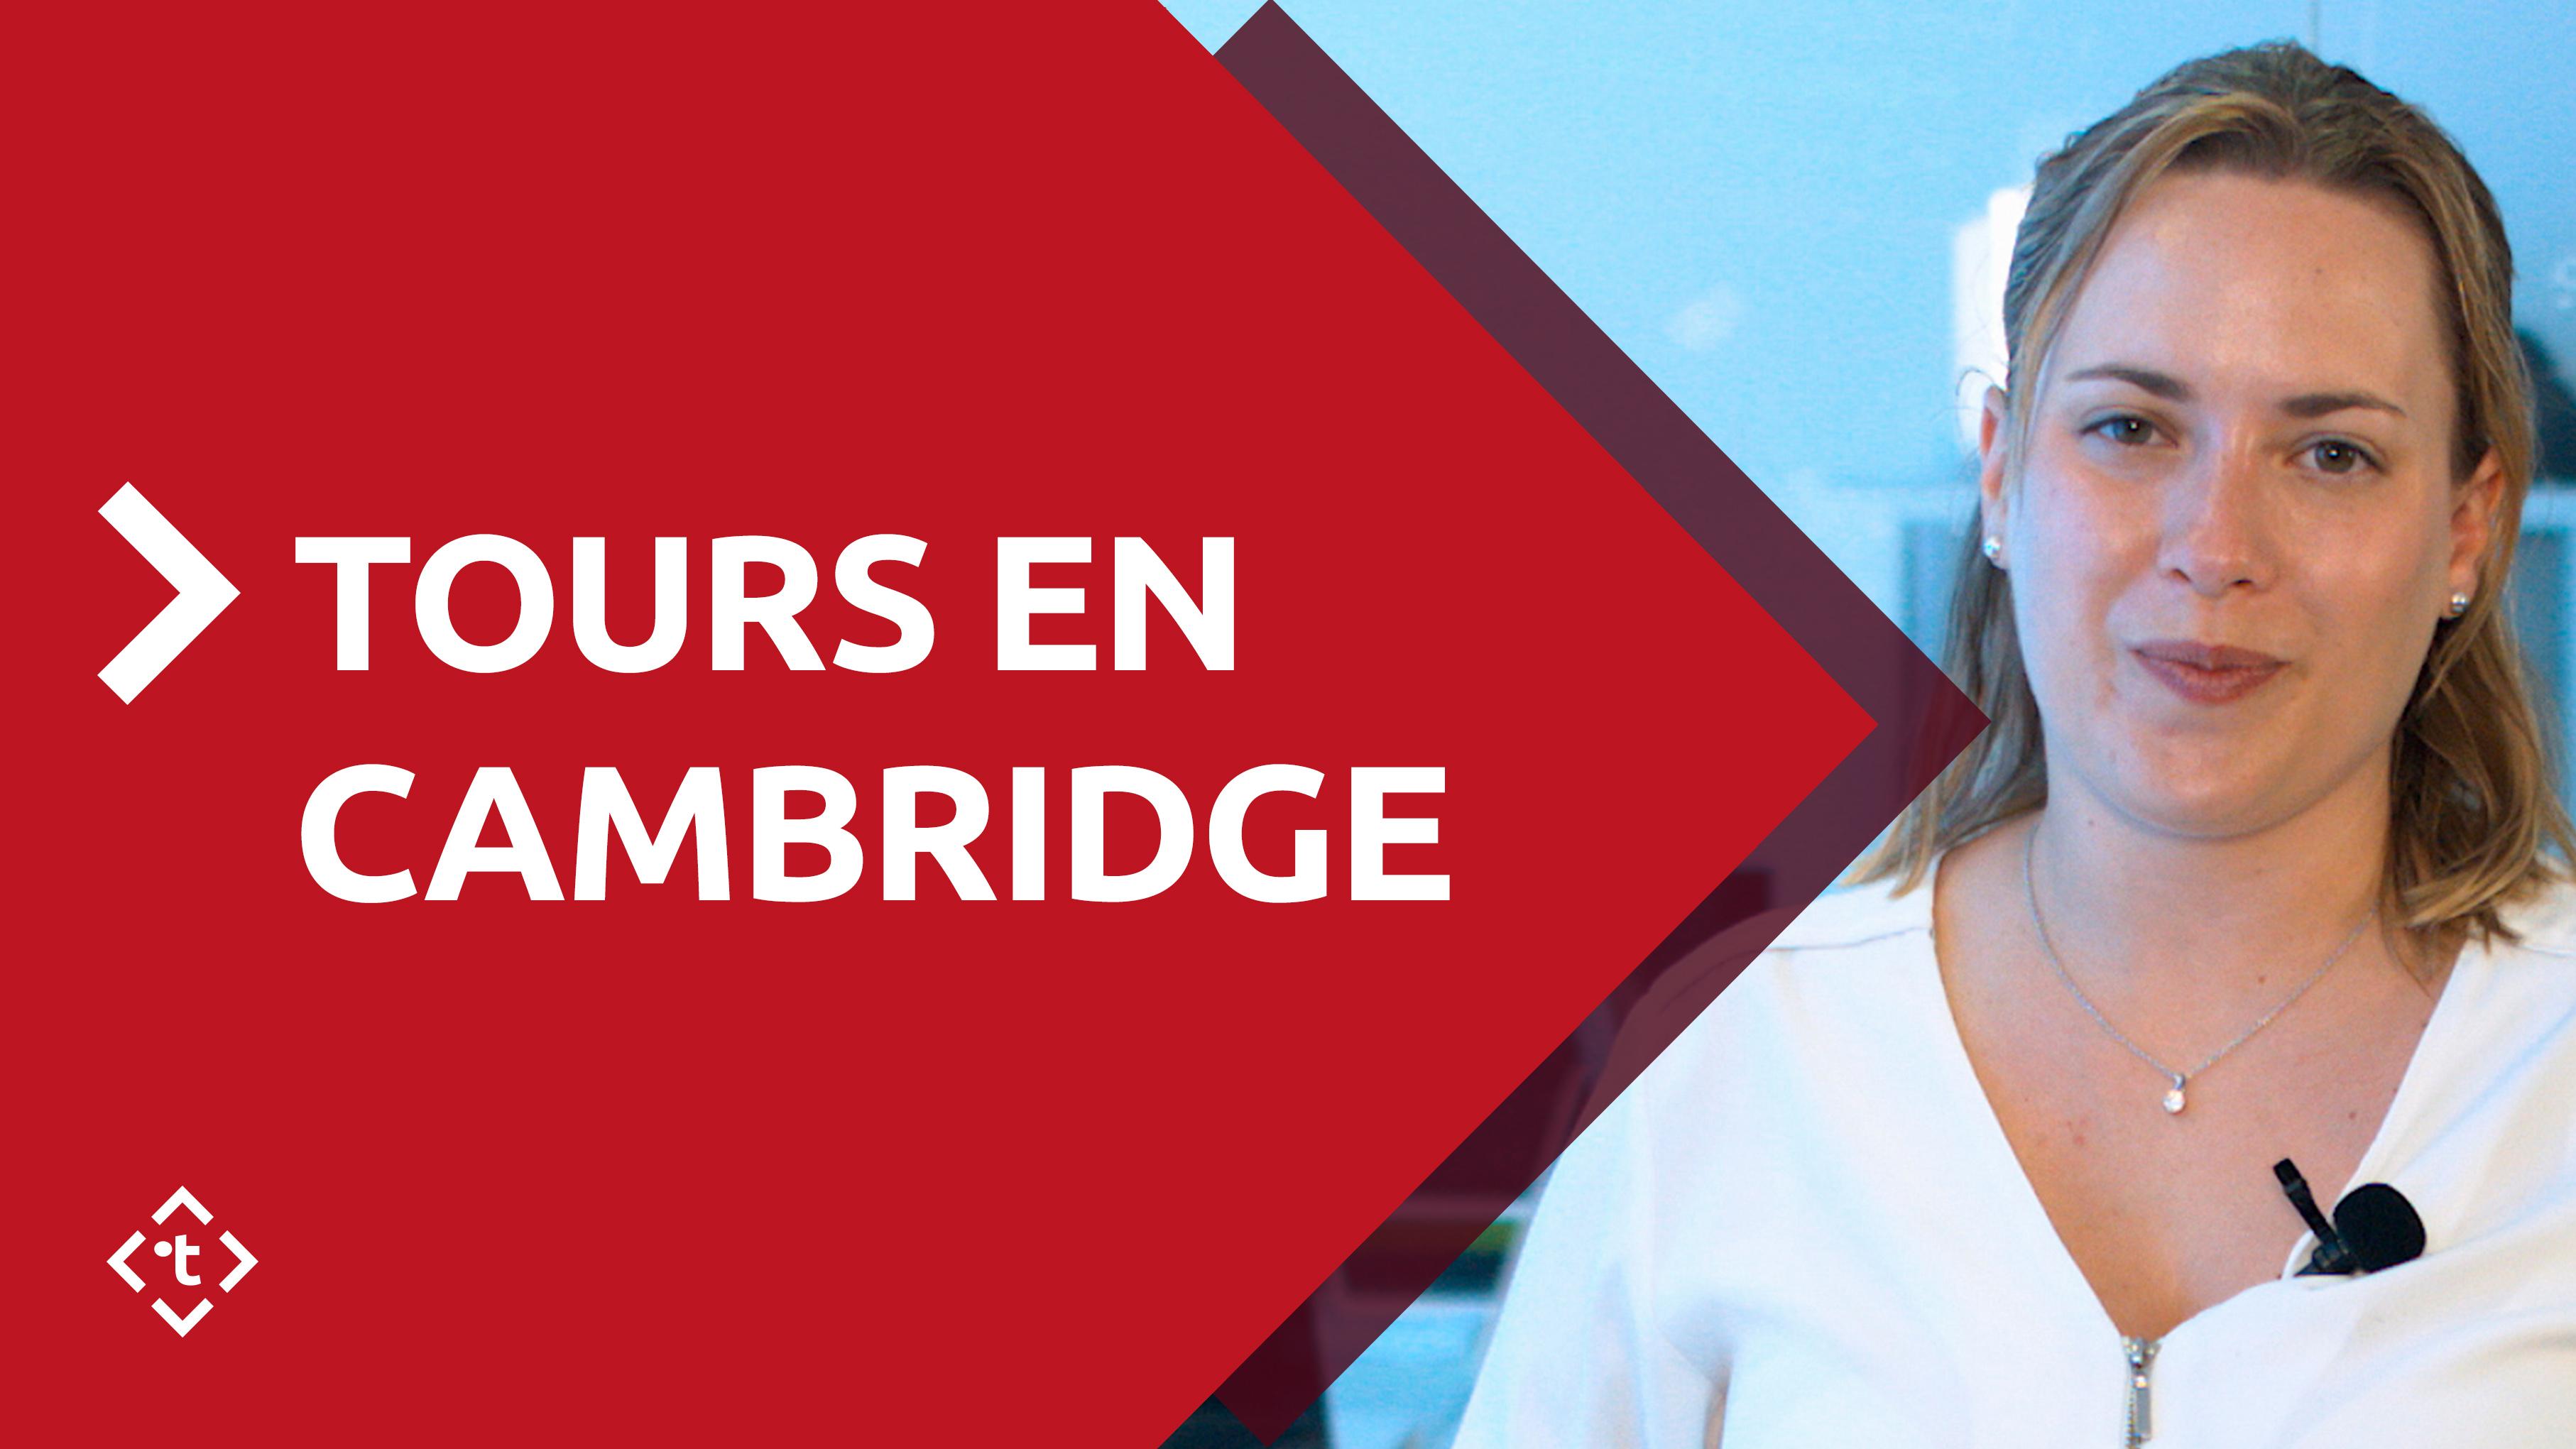 TOURS EN CAMBRIDGE